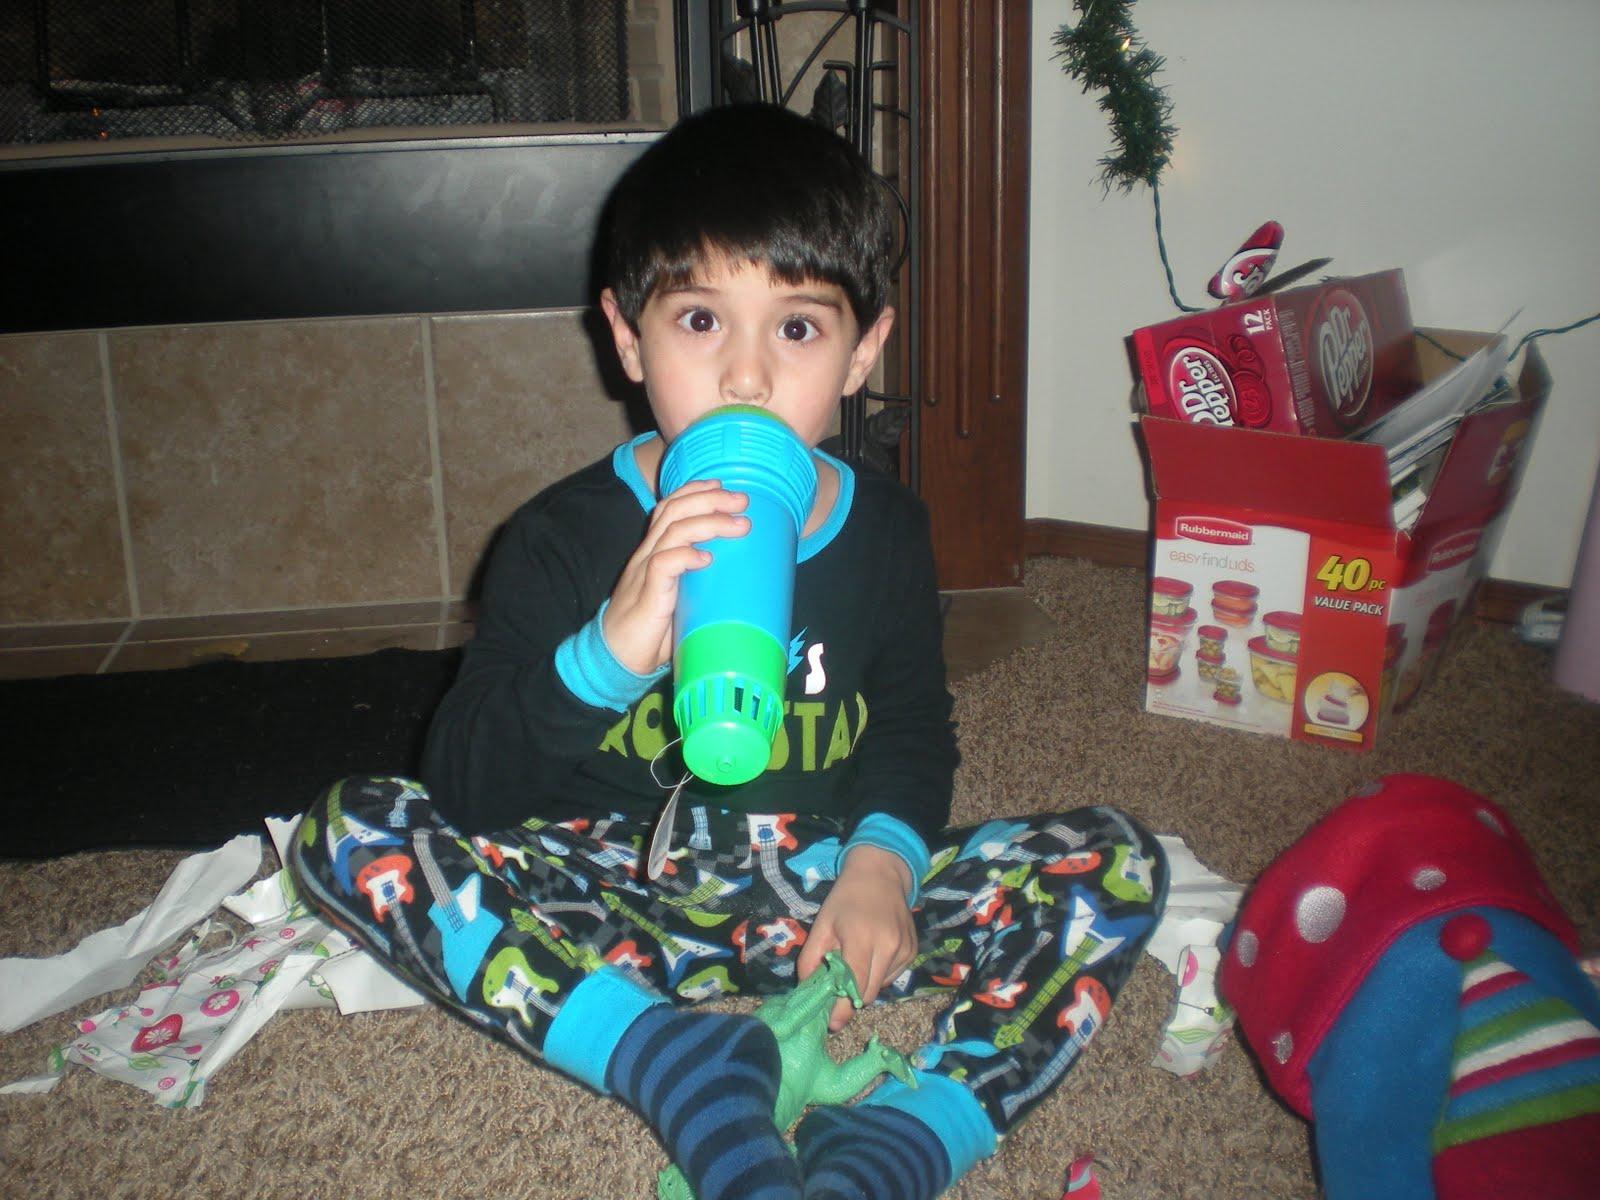 http://3.bp.blogspot.com/_sFzg-t5oLro/TSP1IDj58jI/AAAAAAAABmg/WYFnpl99f_8/s1600/Jan+2011+014.JPG